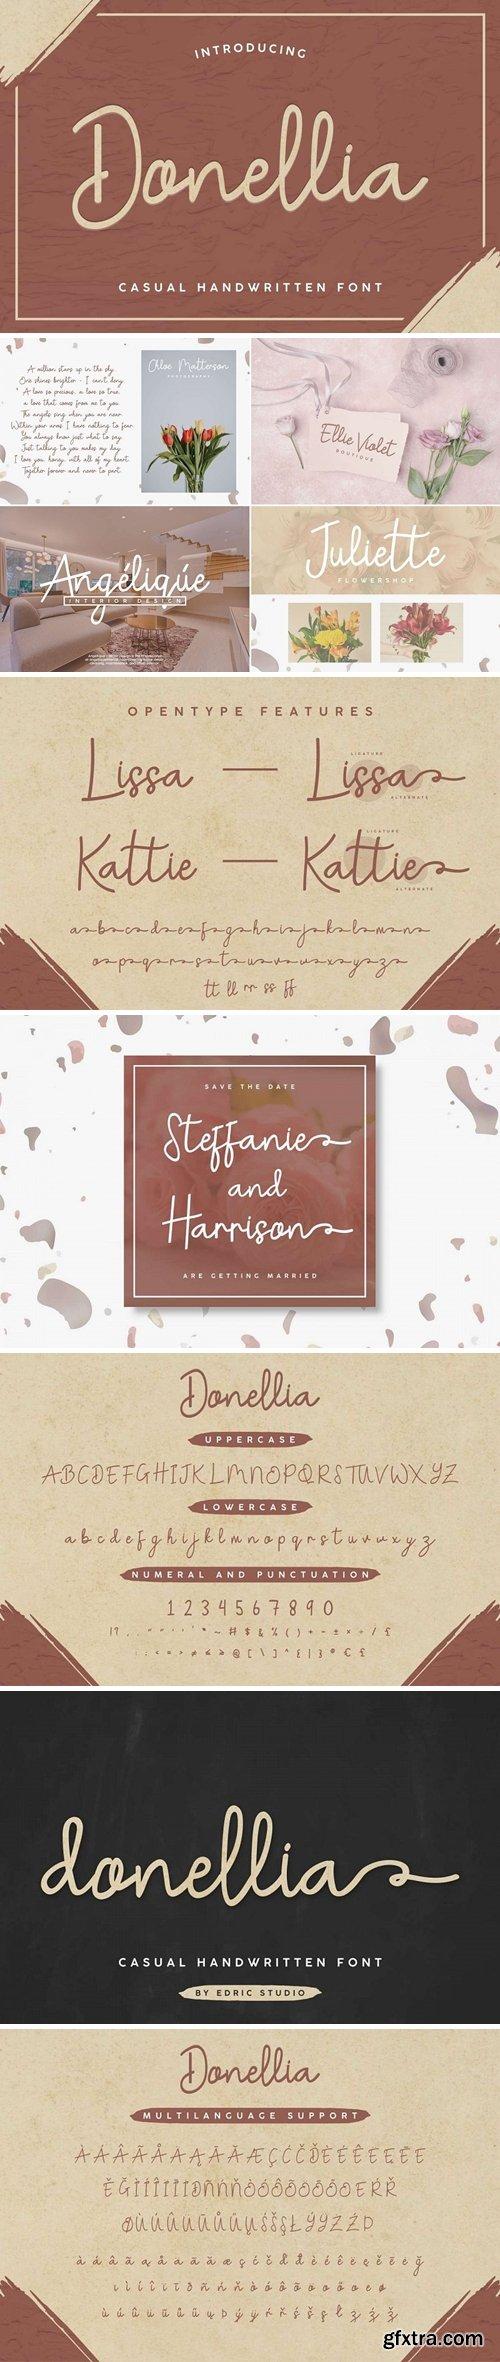 Fontbundles - Donellia 519203